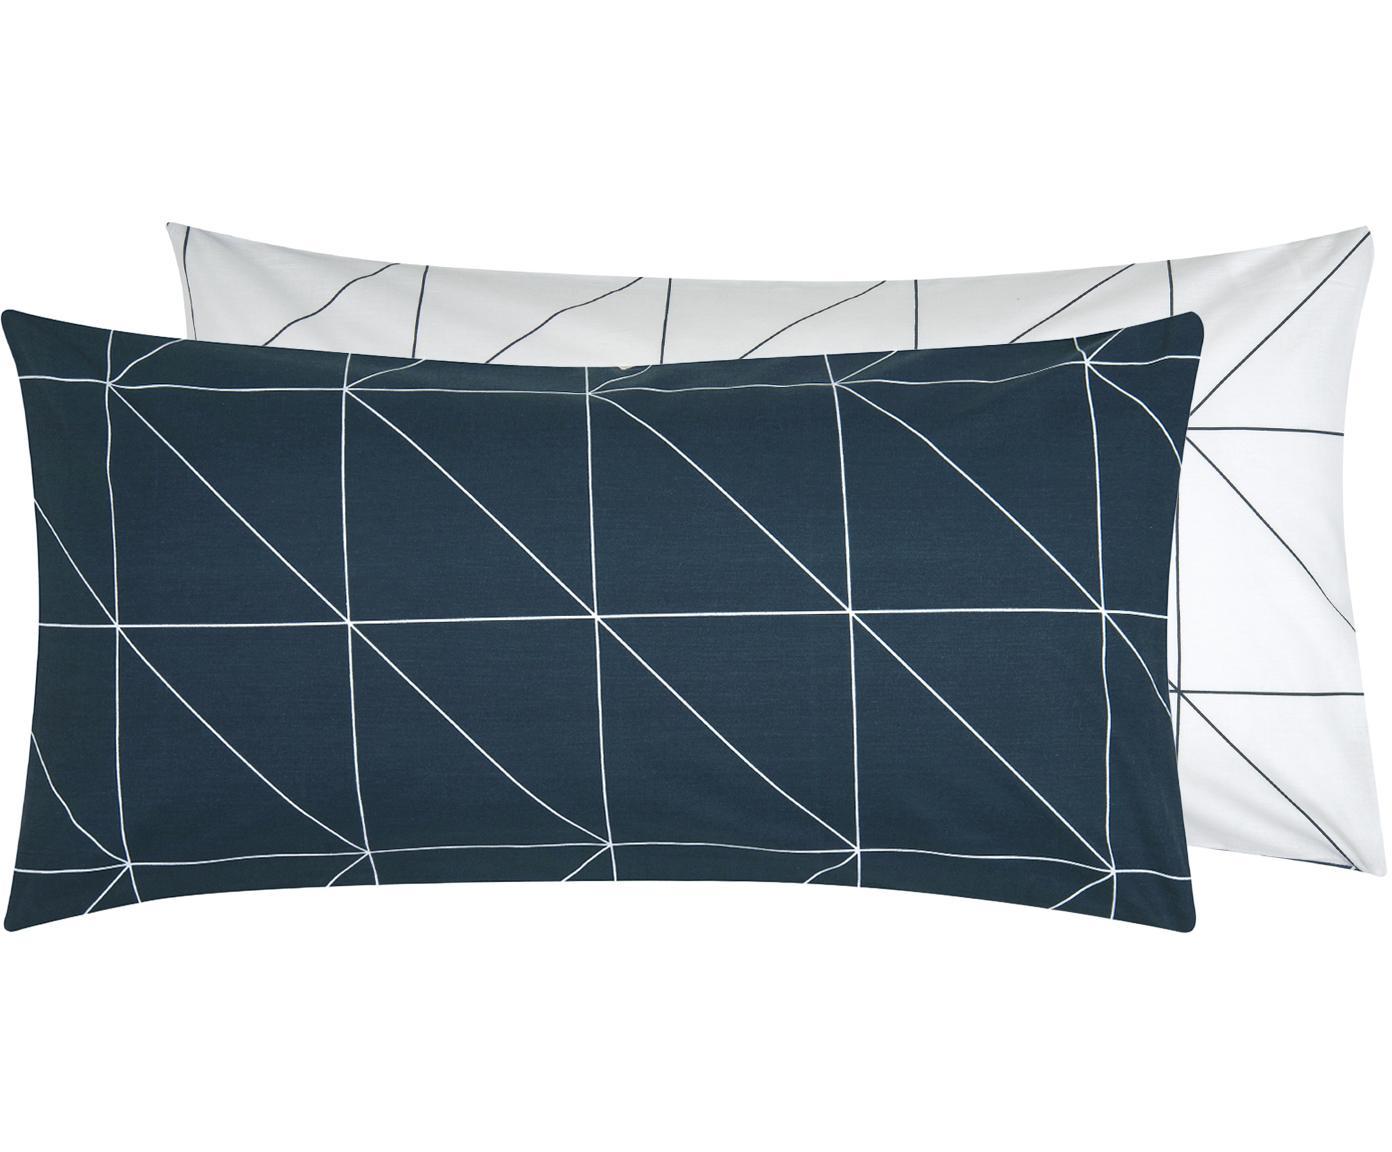 Baumwoll-Wendekissenbezüge Marla mit grafischem Muster, 2 Stück, Webart: Renforcé Fadendichte 144 , Navyblau, Weiss, 40 x 80 cm